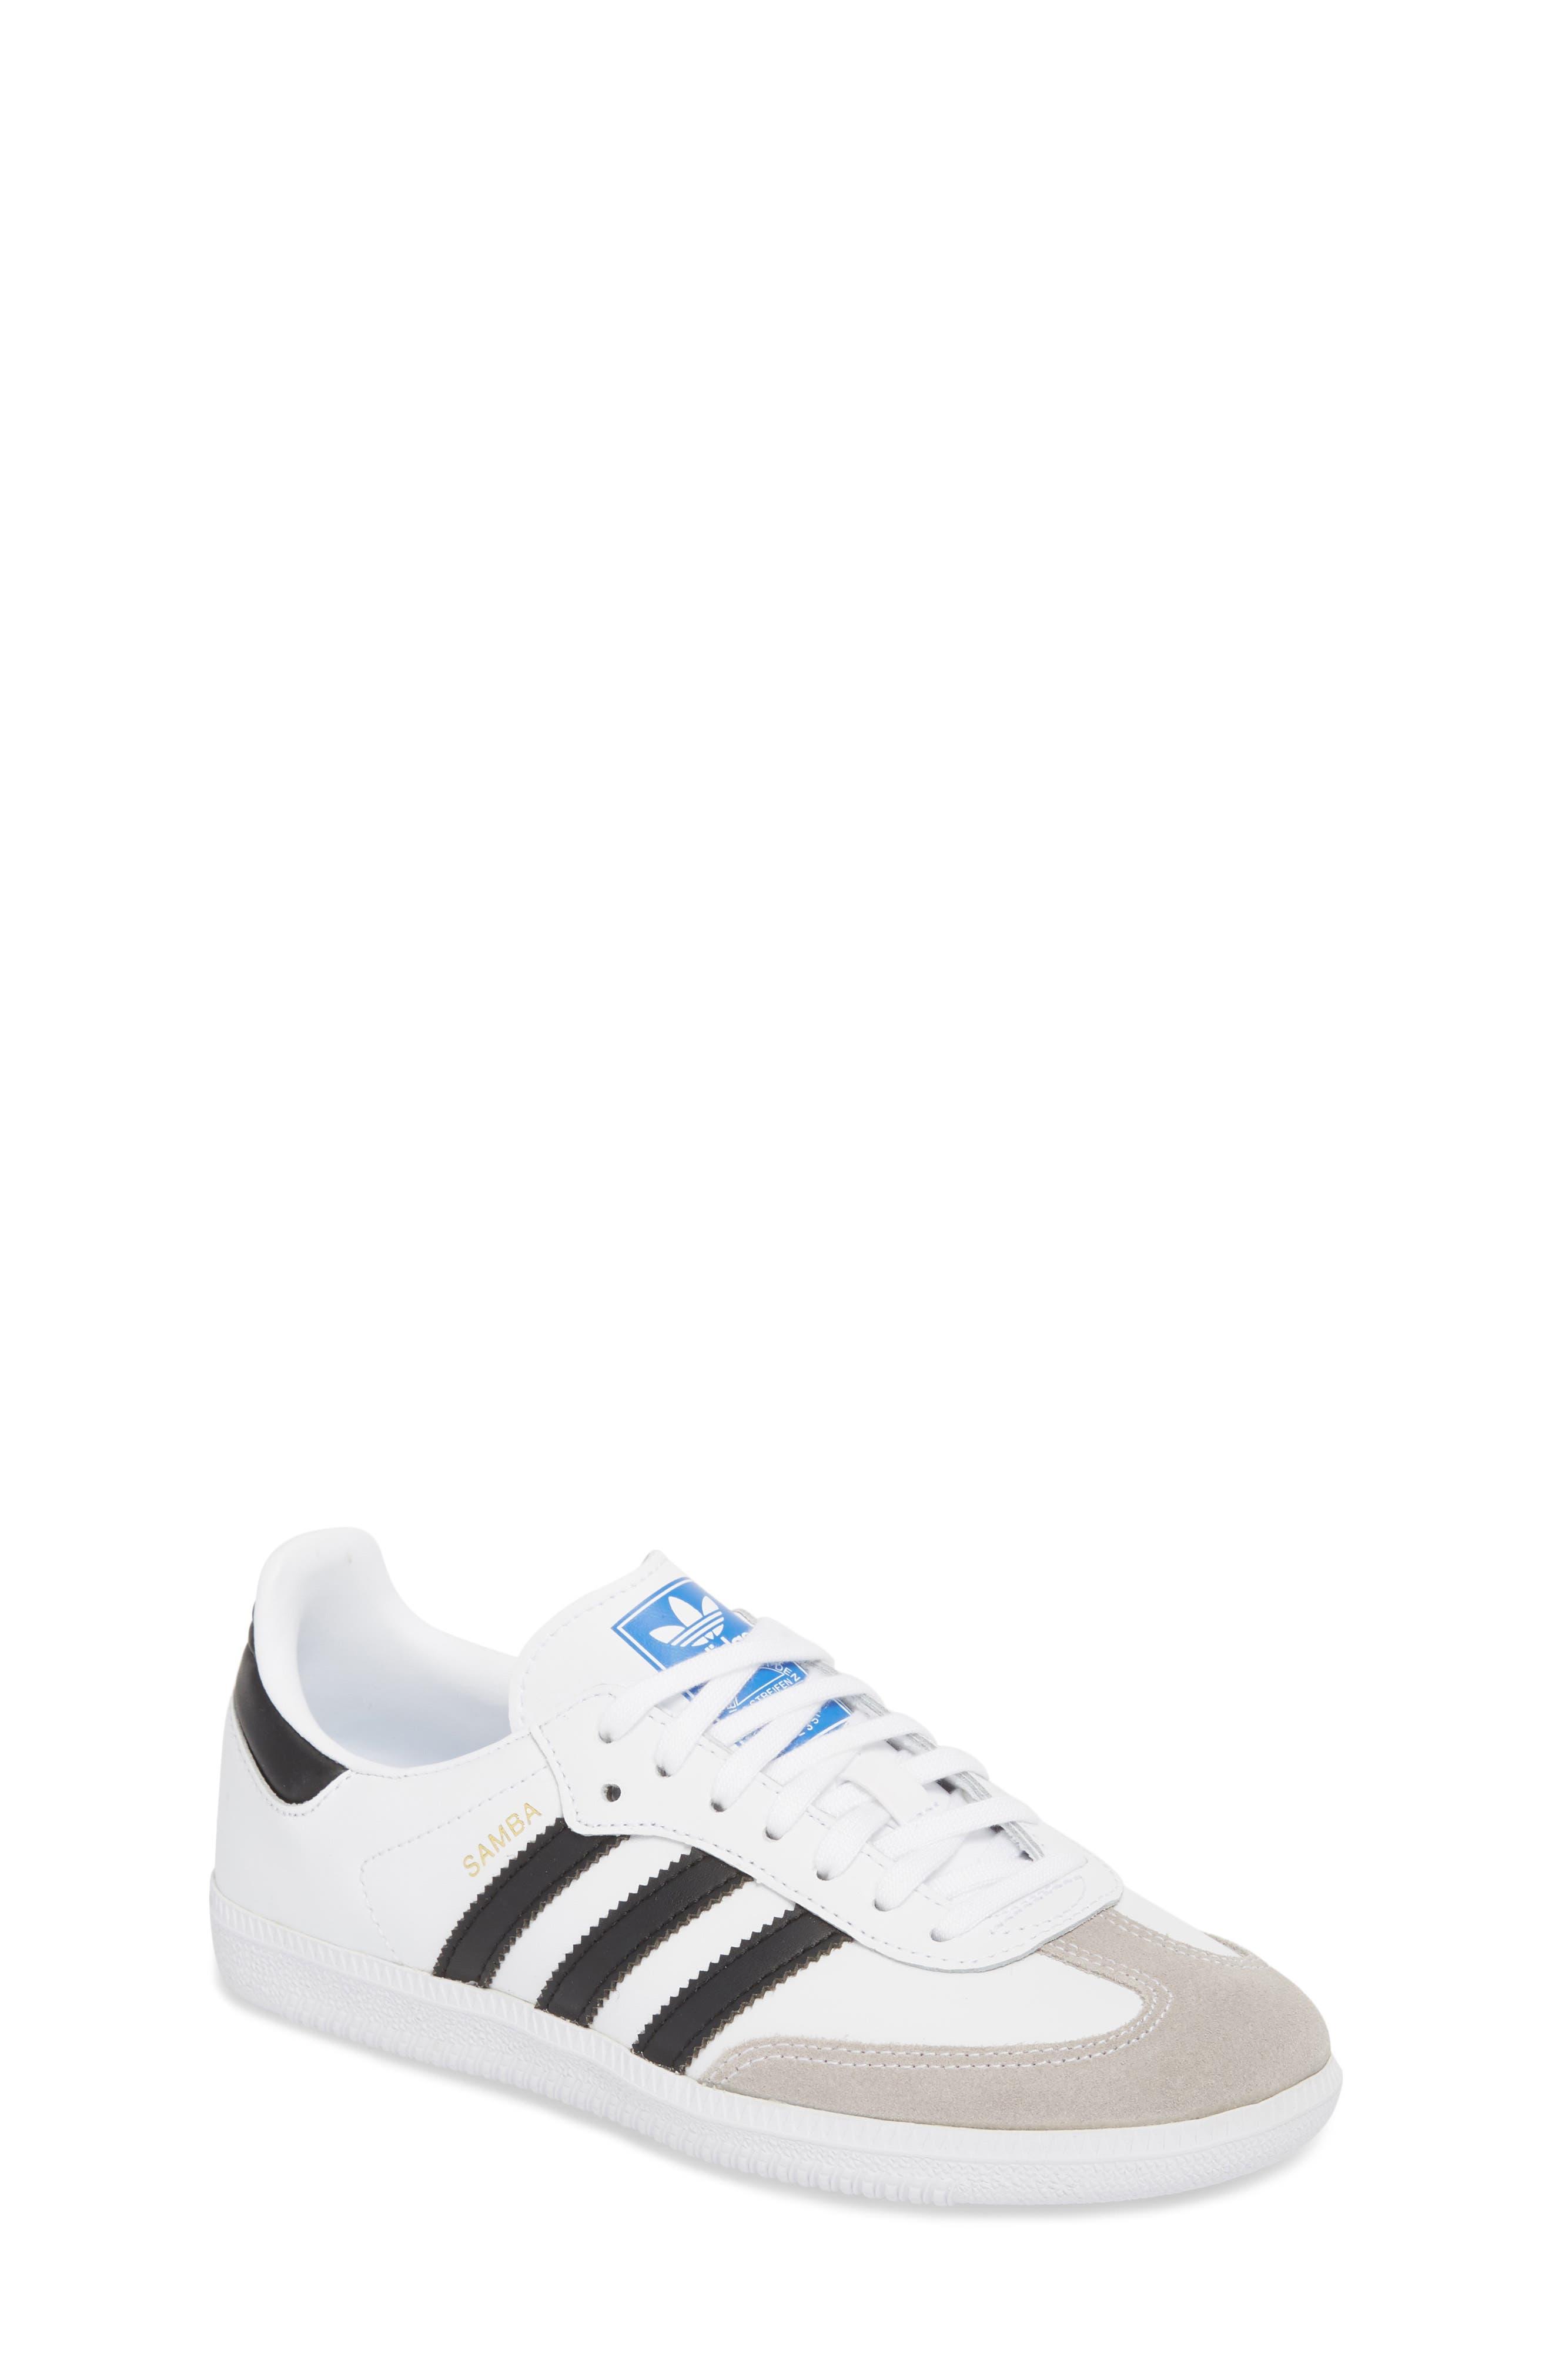 Samba OG Sneaker,                             Main thumbnail 1, color,                             WHITE/ BLACK/ CRYSTAL WHITE